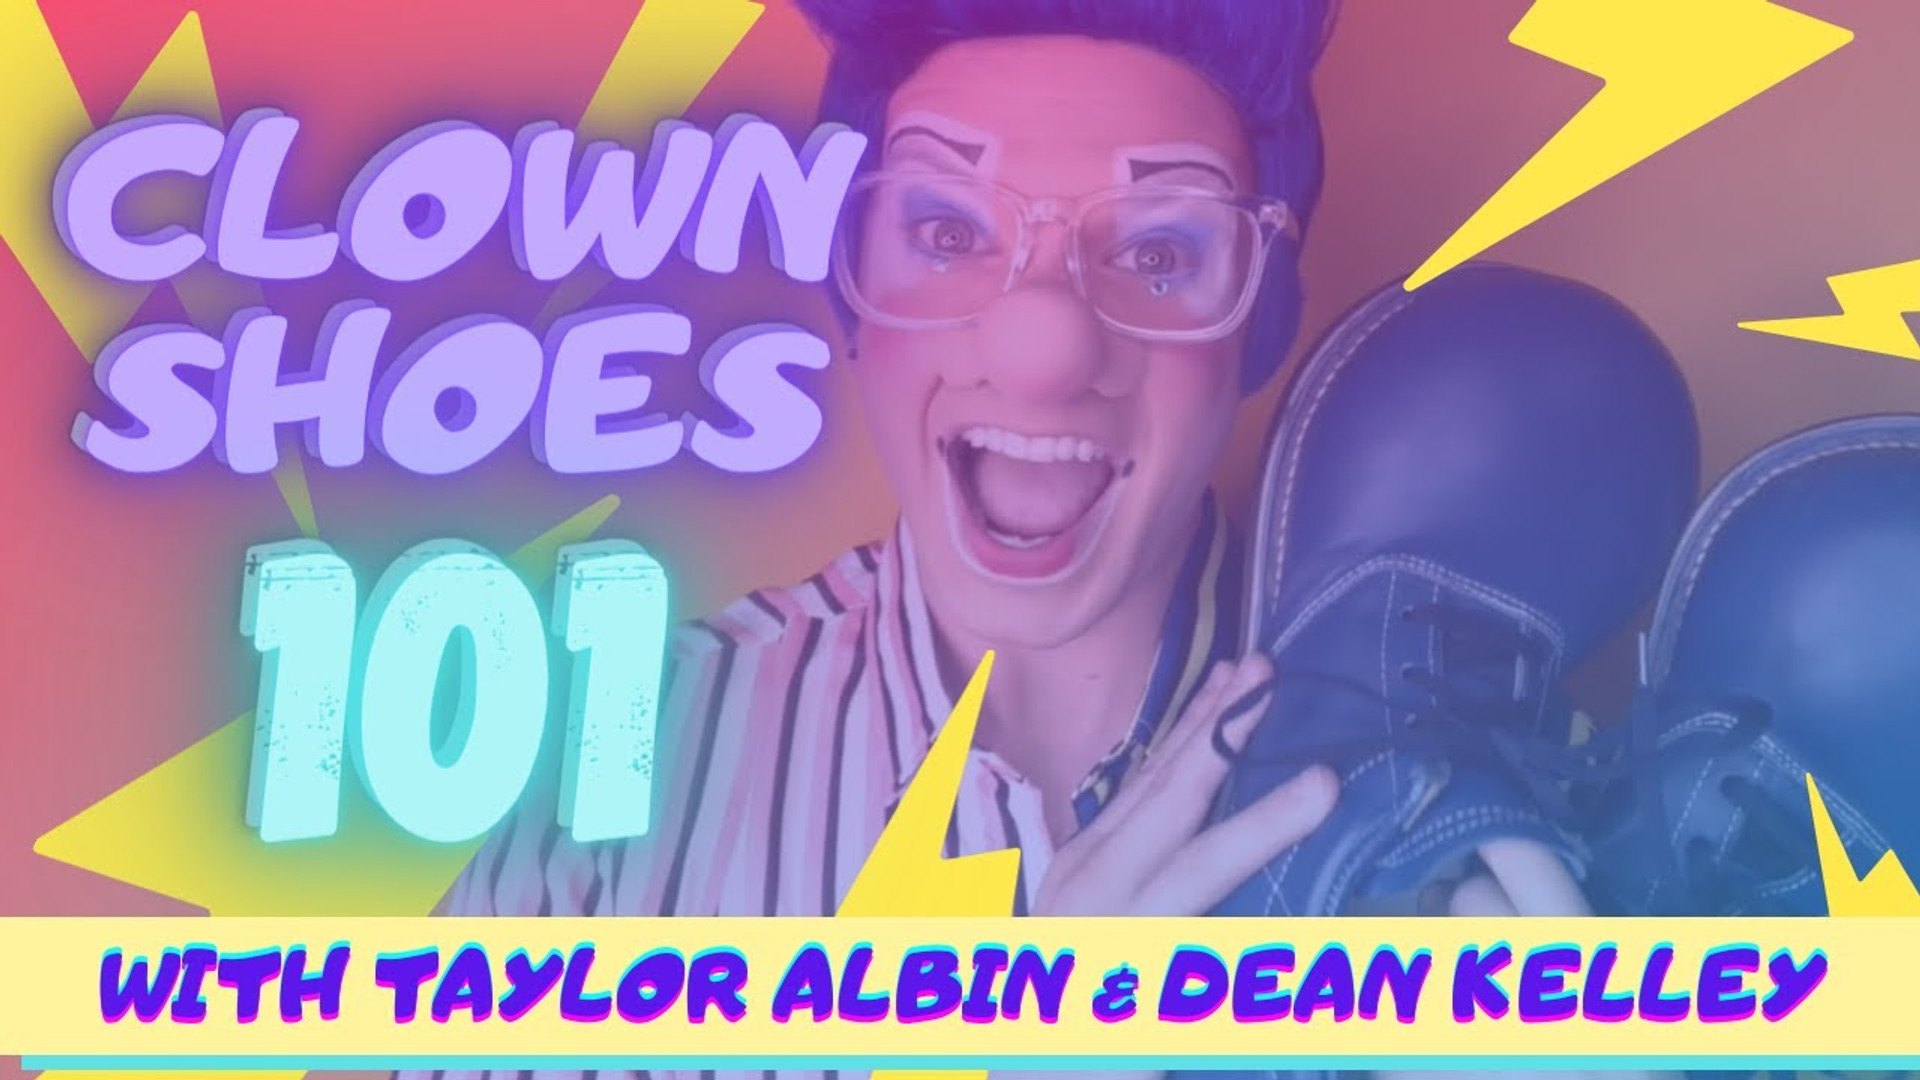 Clown Shoes 101